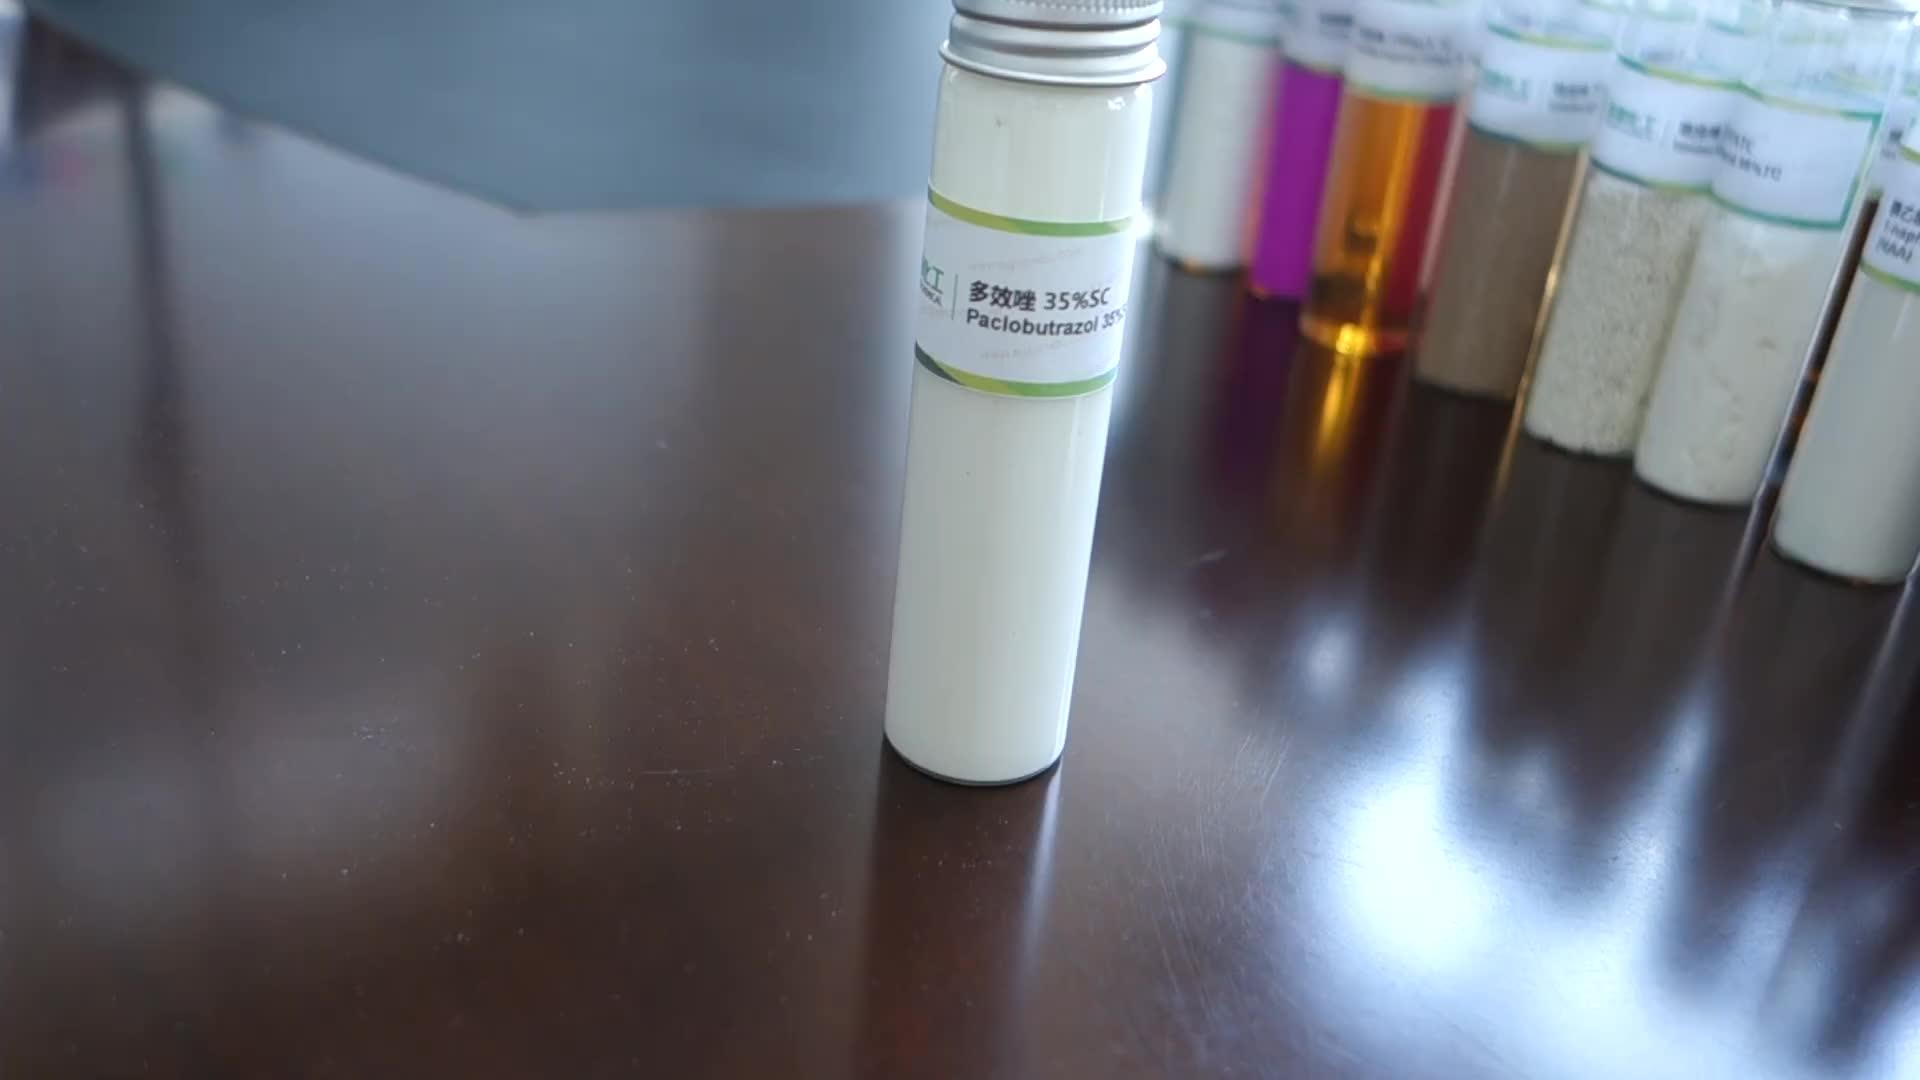 PGR Paclobutrazol regulator 35%SC, agriculture pesticide plant prometor